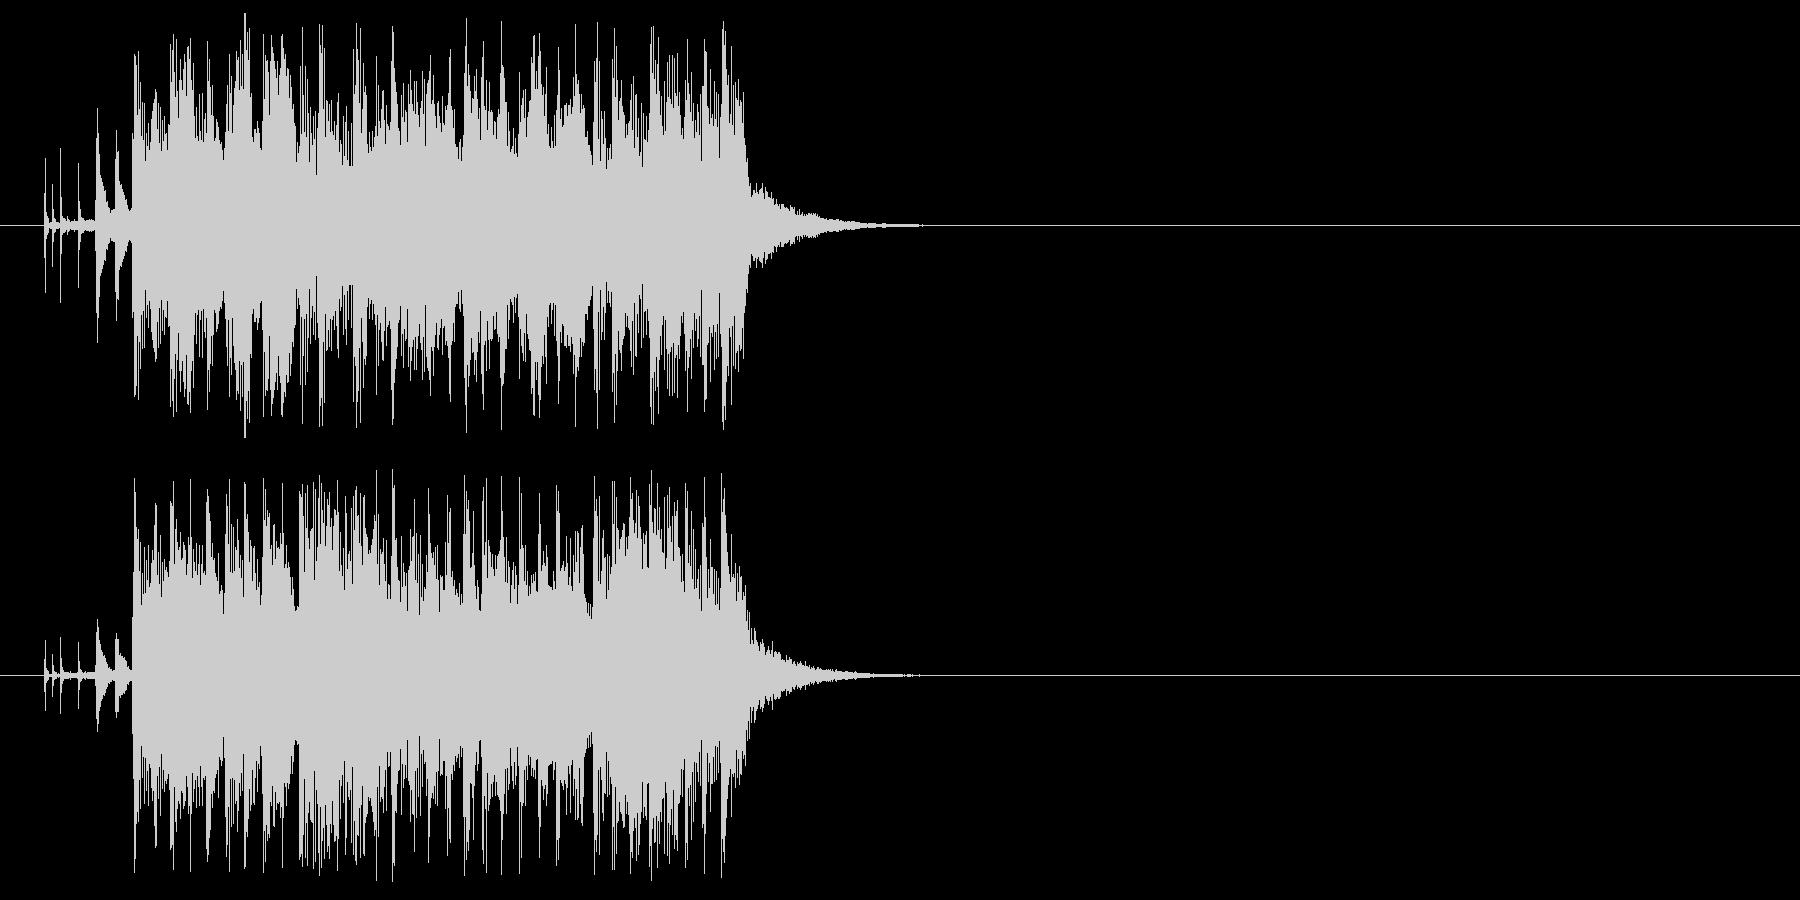 ピアノと管楽器が特徴的なジングルの未再生の波形